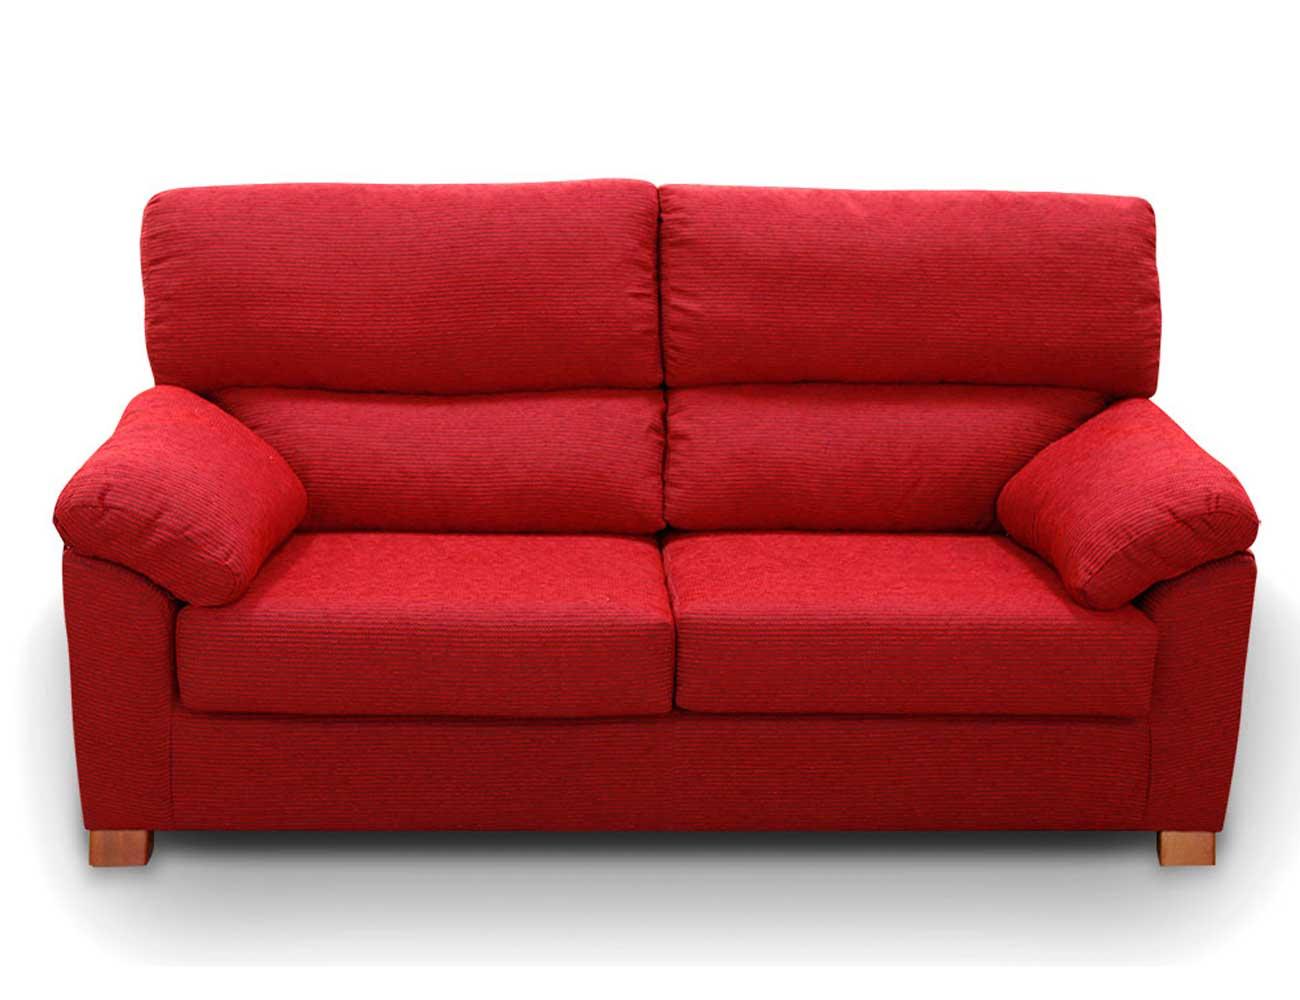 Sofa barato 3 plazas rojo18